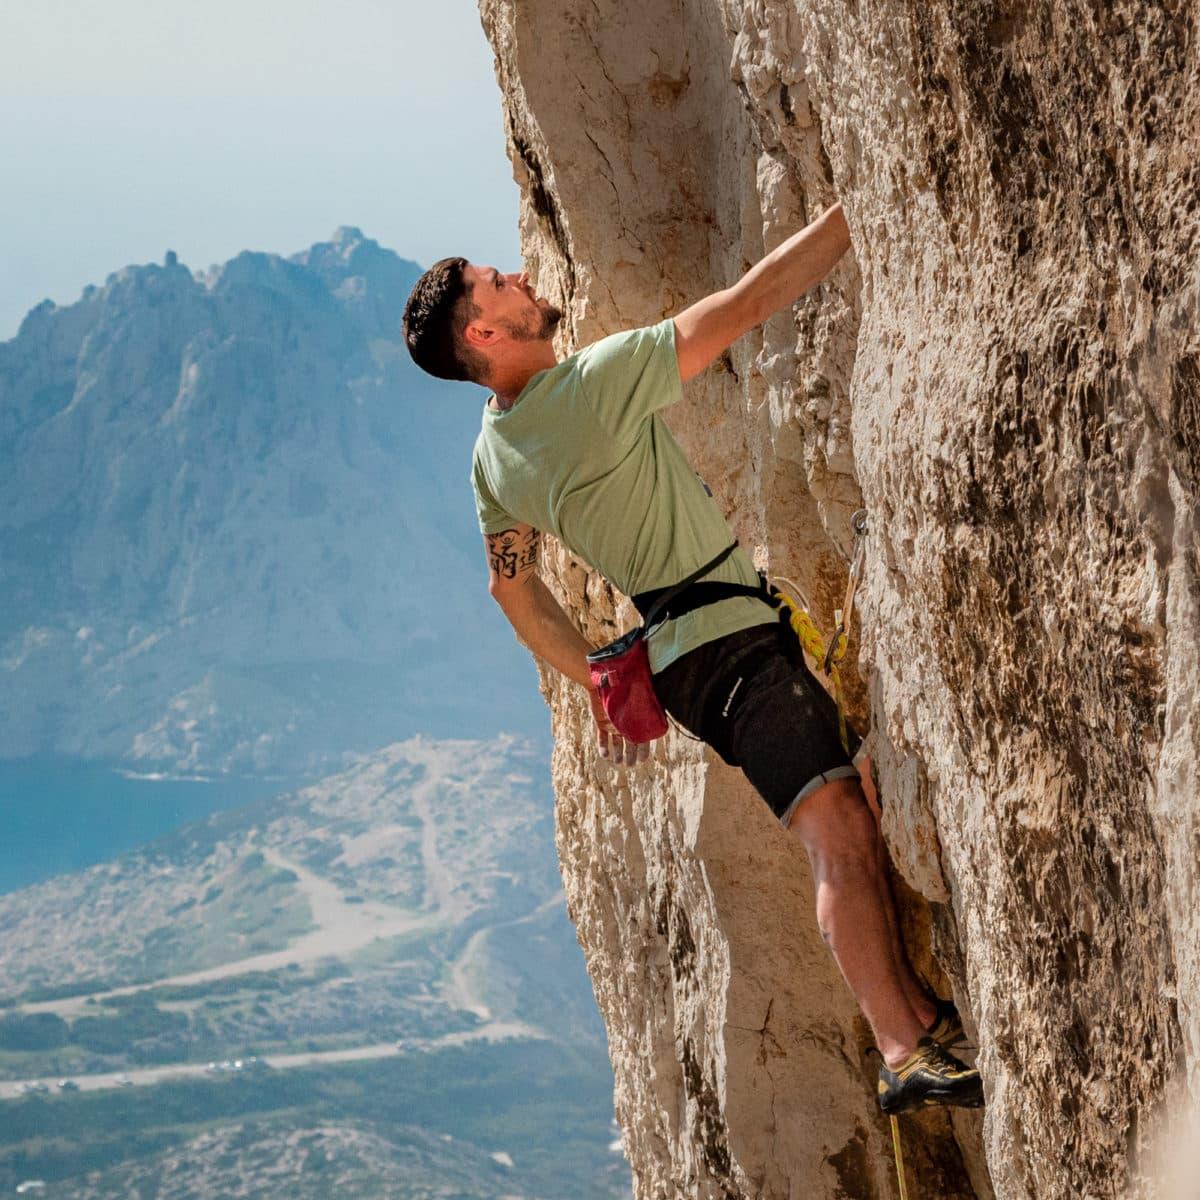 eco-friendly t-shirt for climber